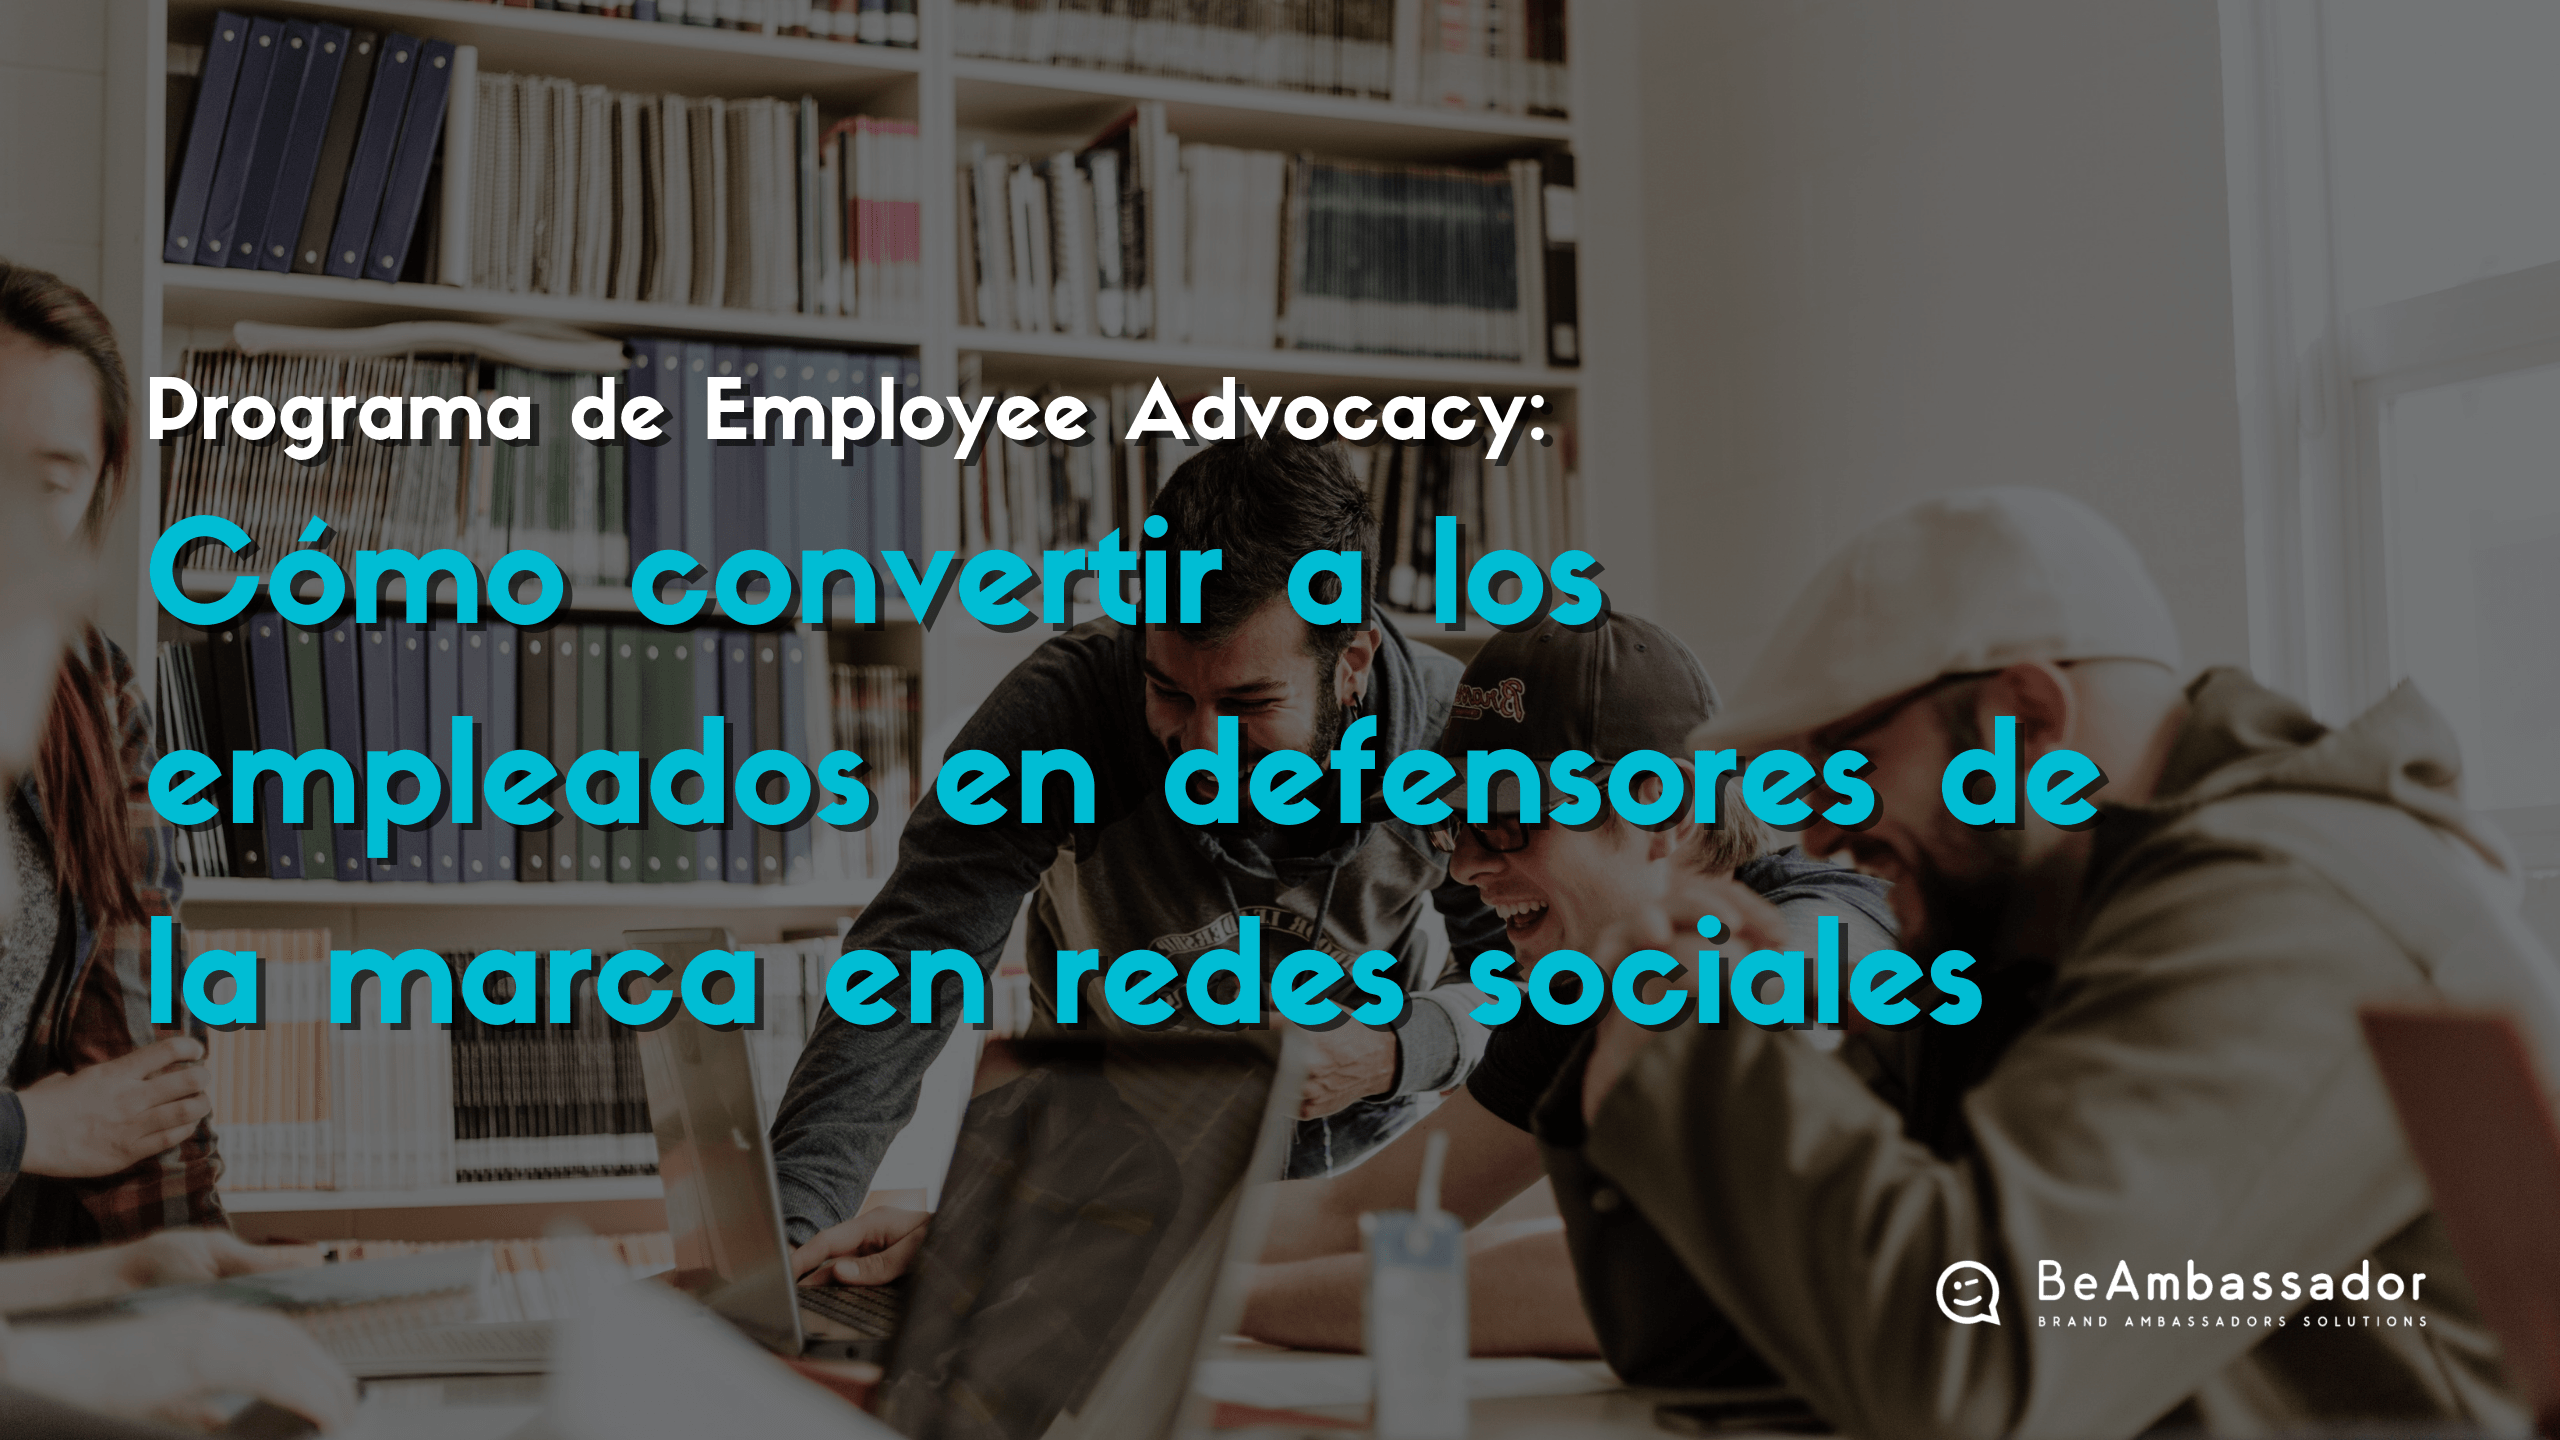 como-convertir-a-los-empleados-en-defensores-de-la-marca-en-redes-sociales